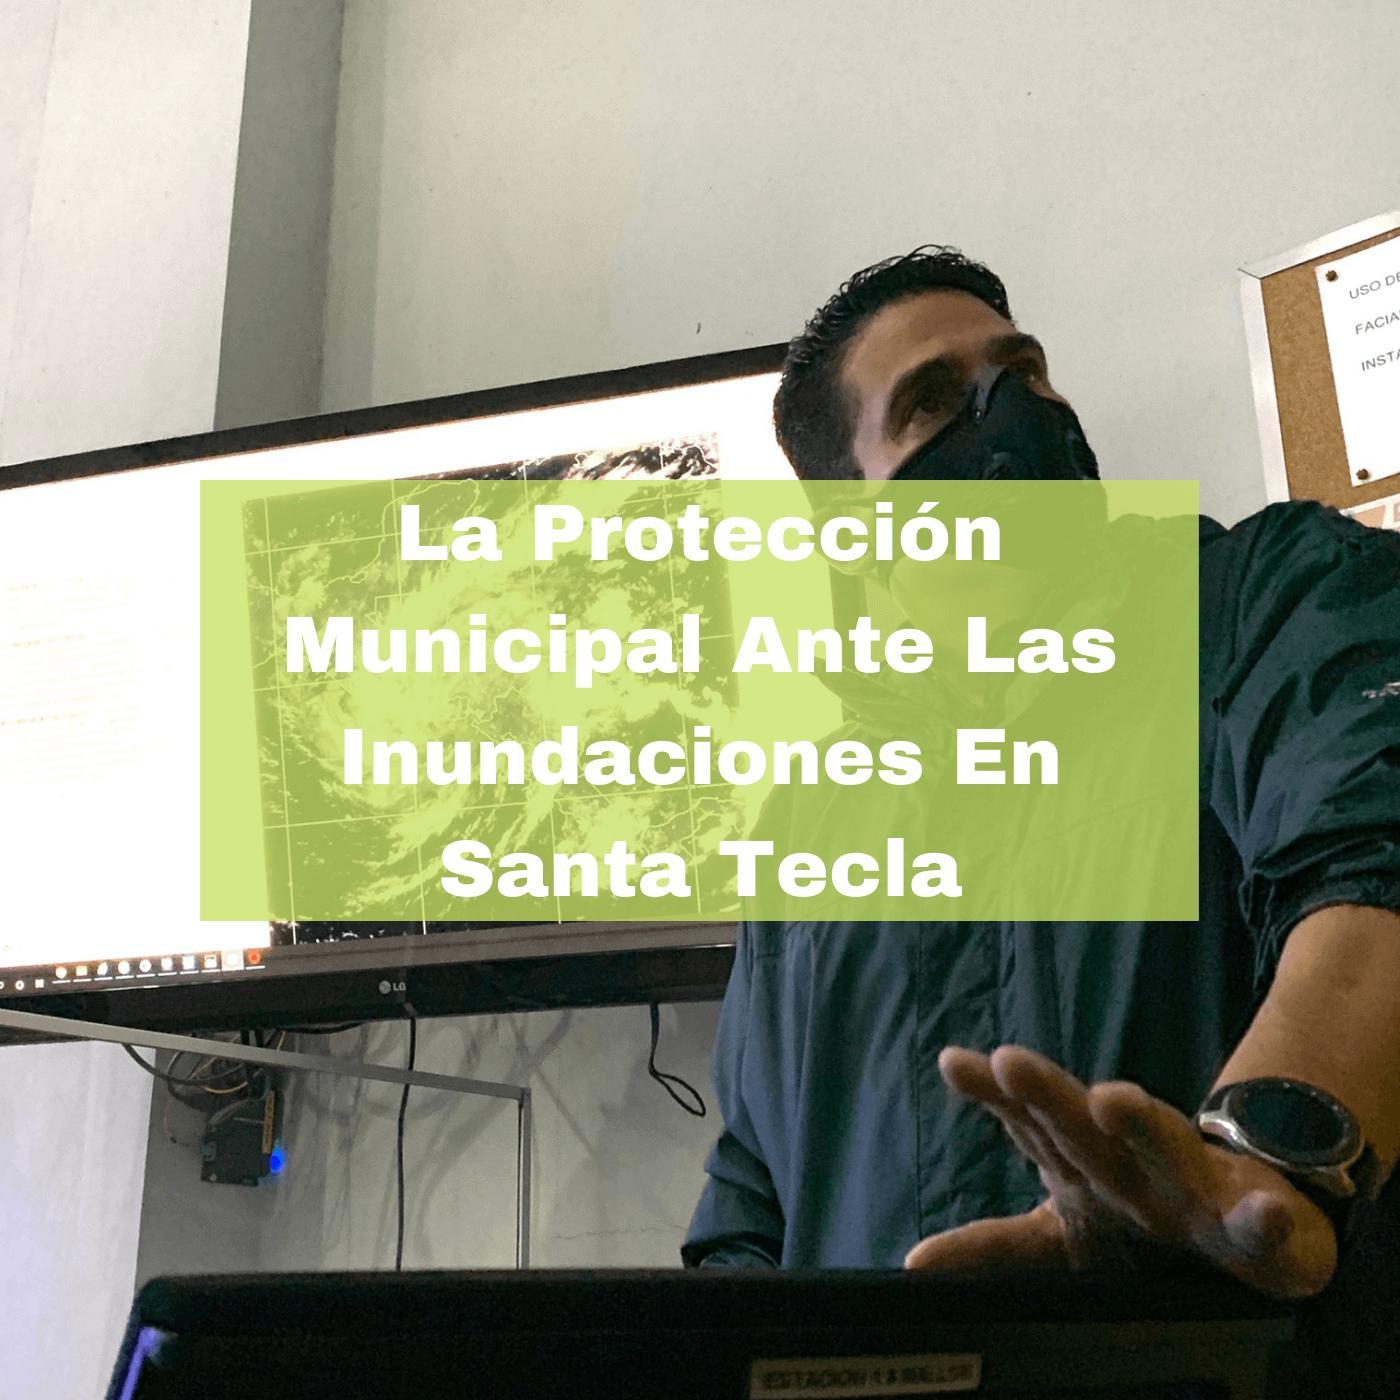 La Protección Municipal Ante Las Inundaciones En Santa Tecla. Foto Portada. Infografía. Roberto d'Aubuisson. 2021